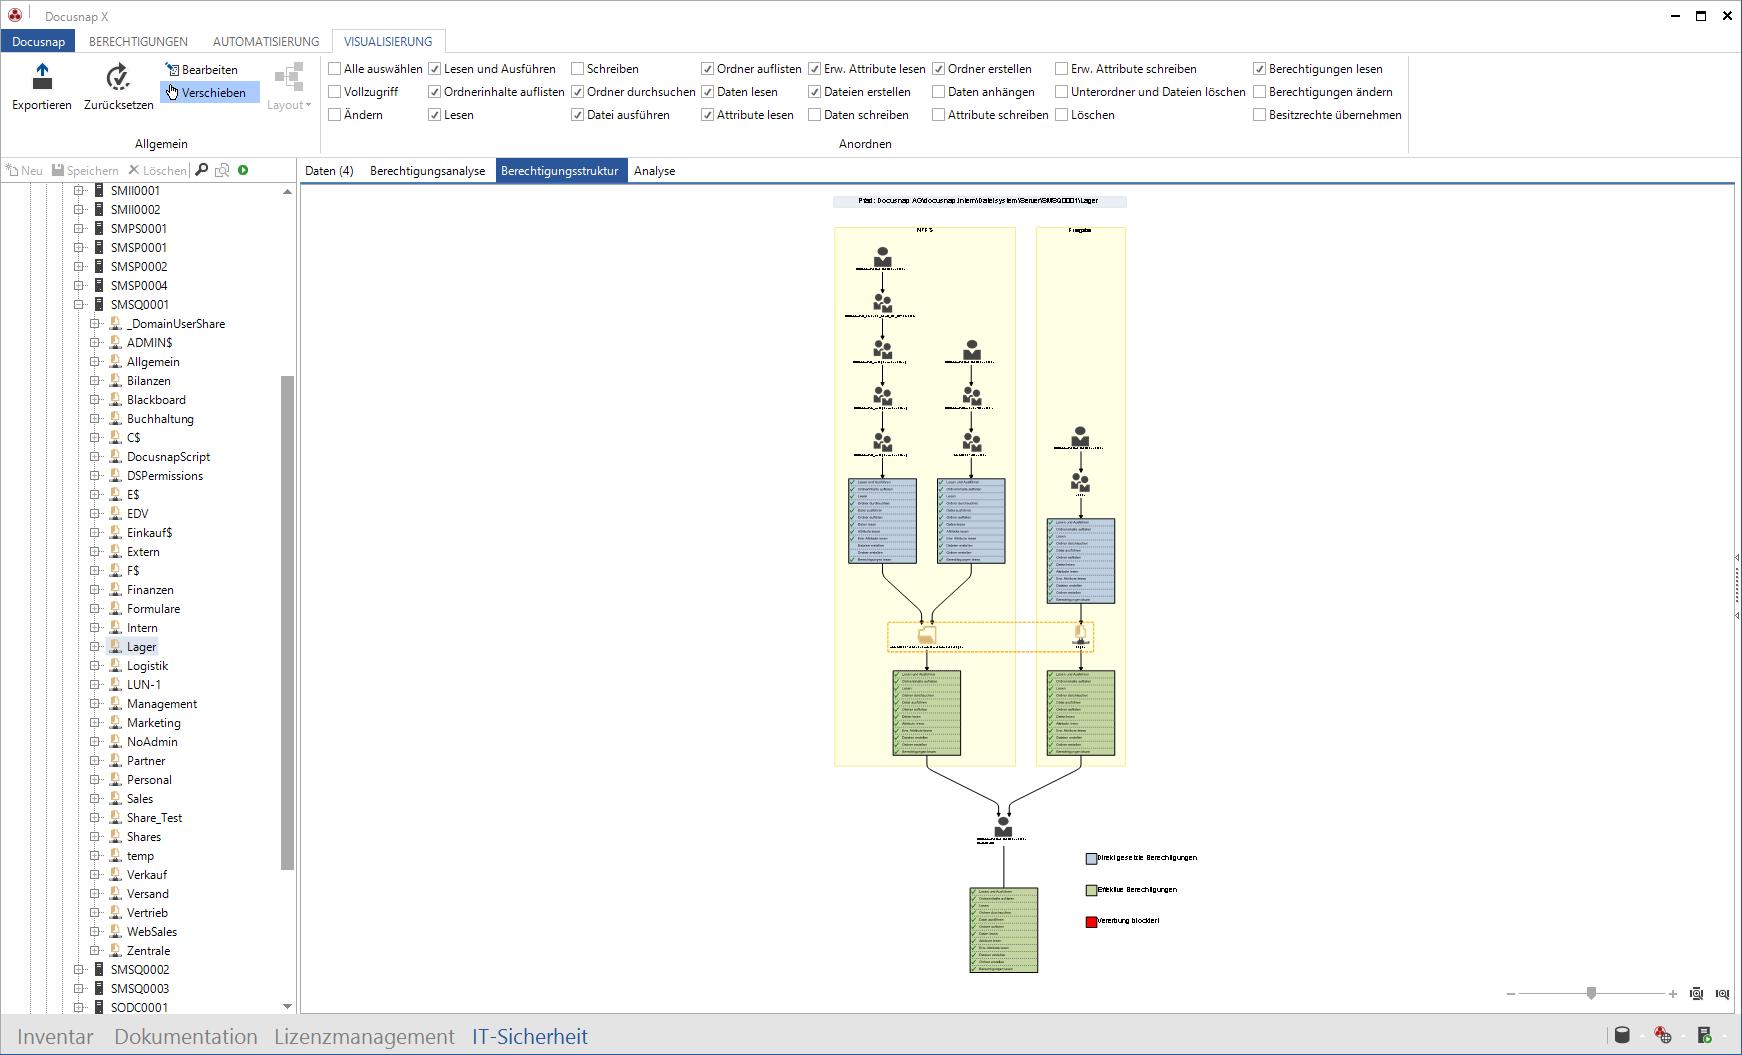 Berechtigungsanalysen als Bestandteil der Netzwerk Dokumentation